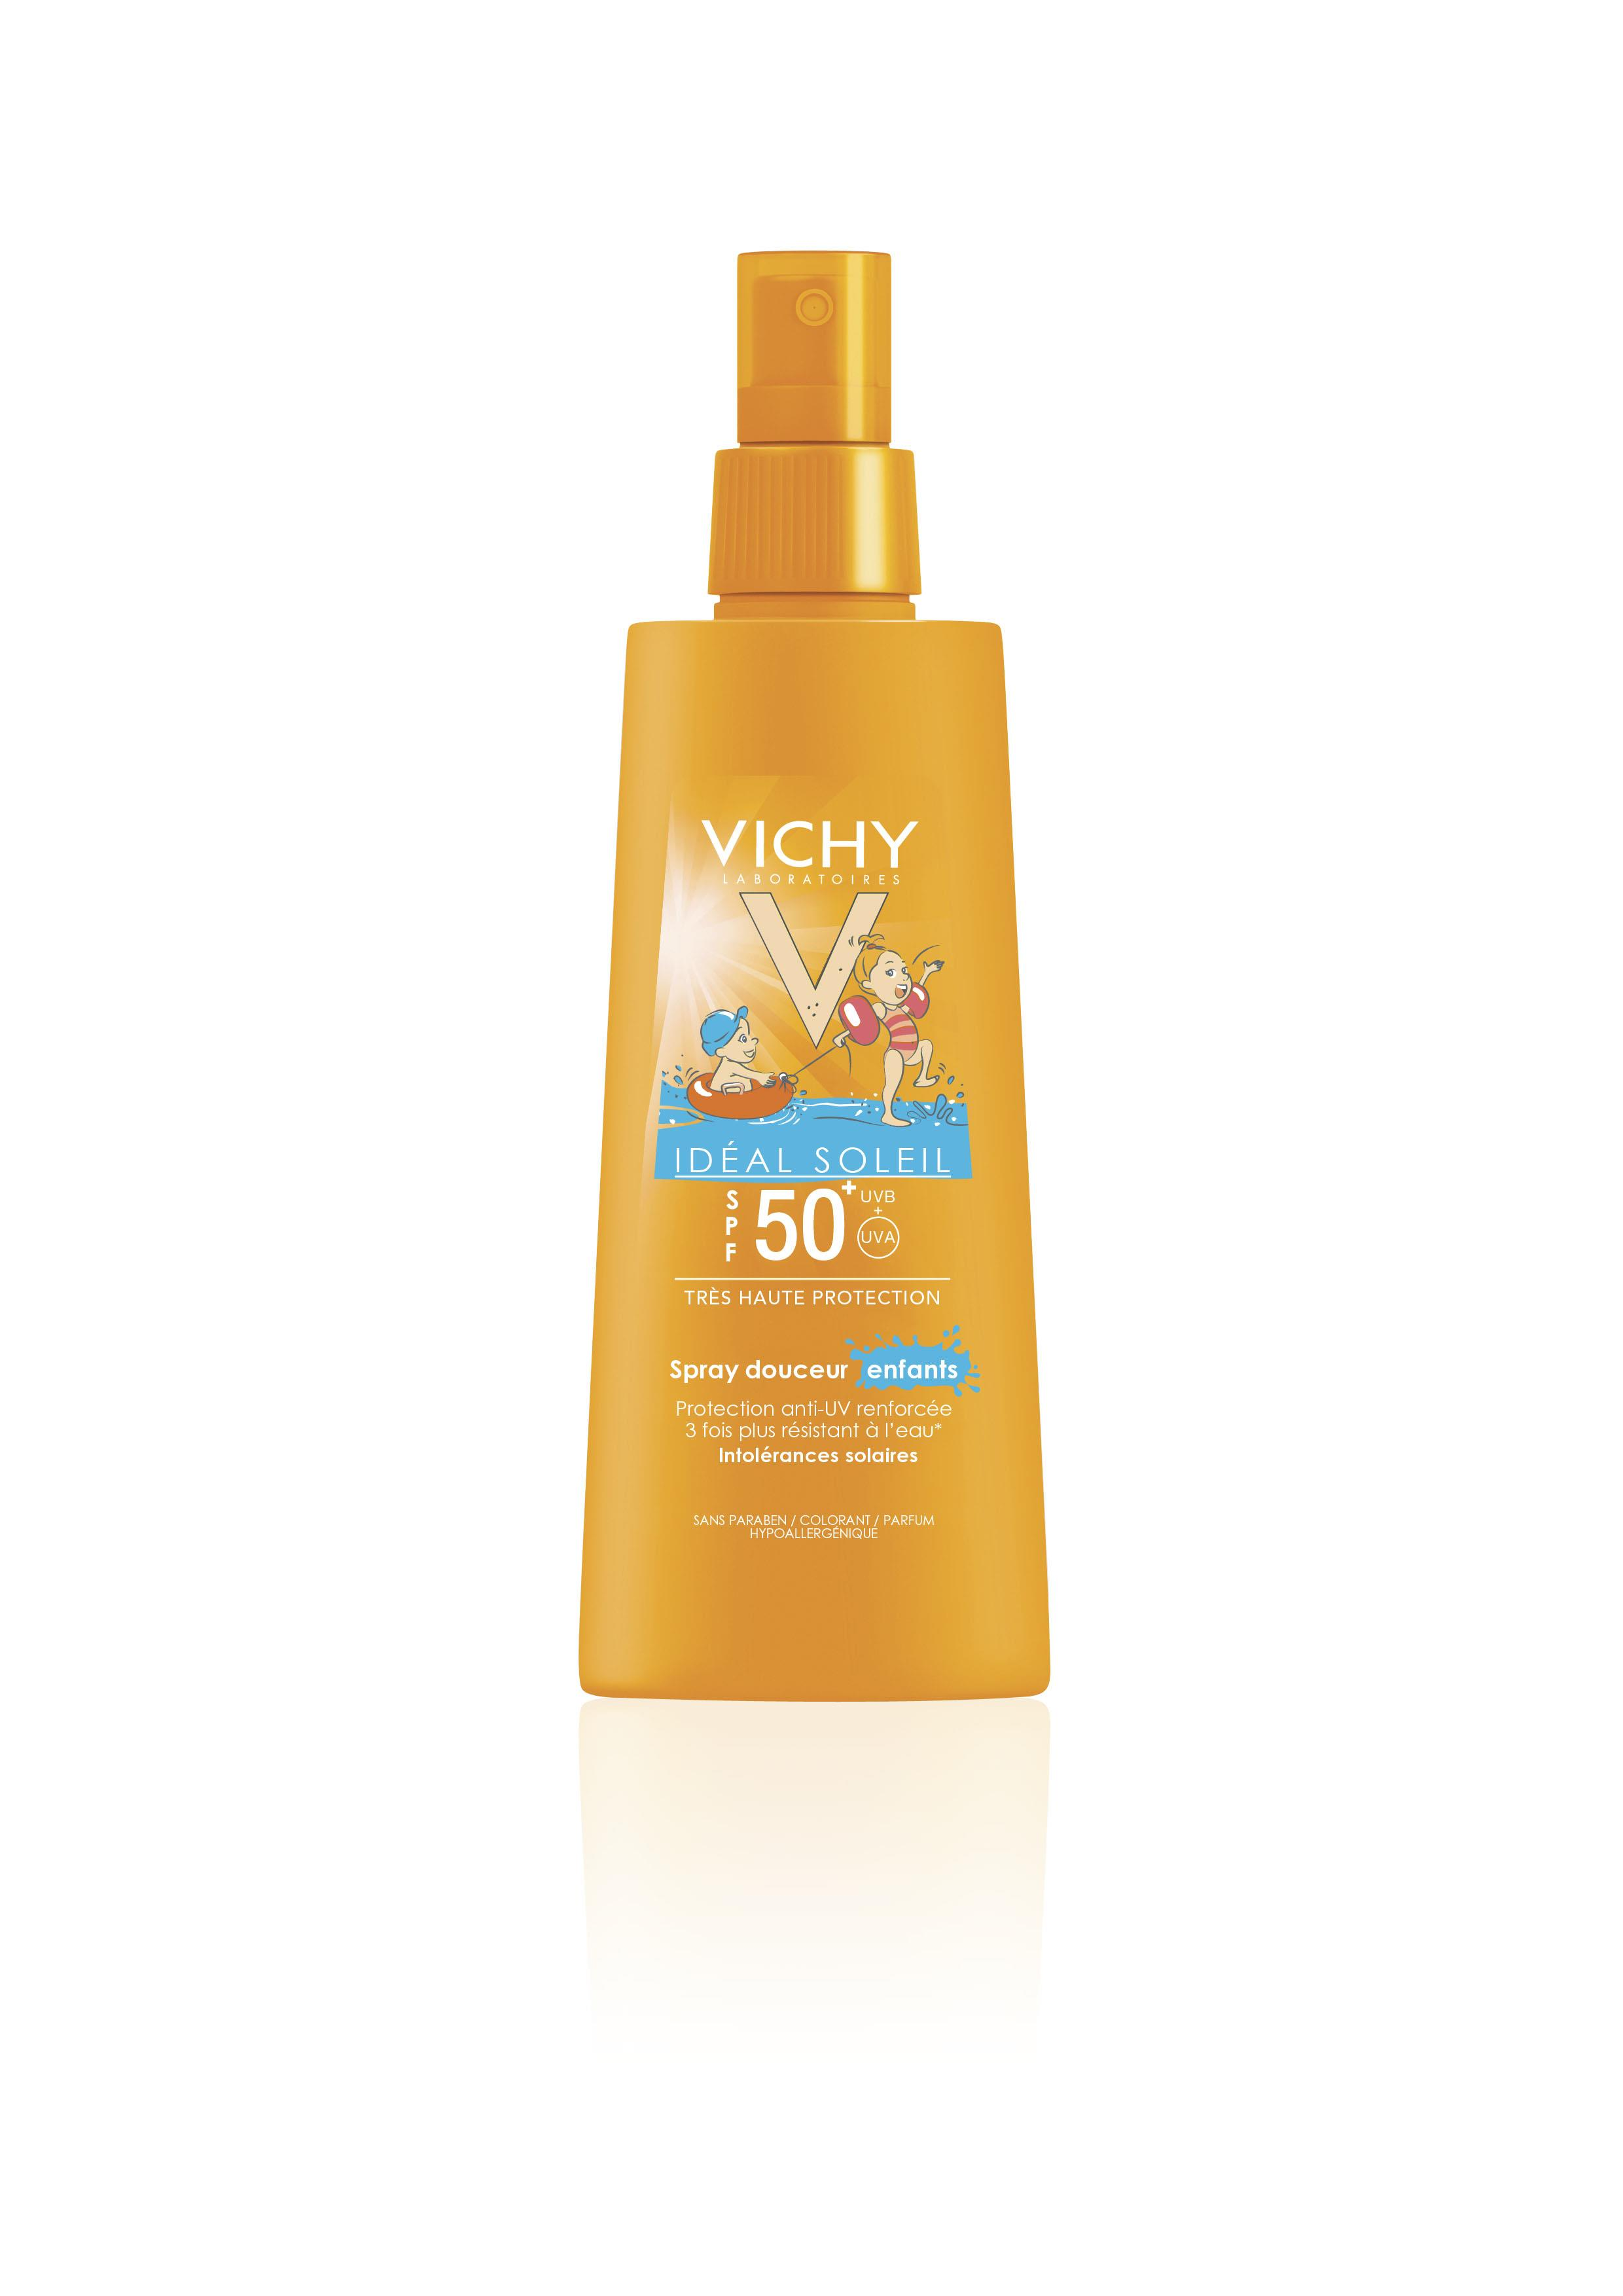 VICHY Ideal Soleil Kinderspray Sensitive LSF 50+